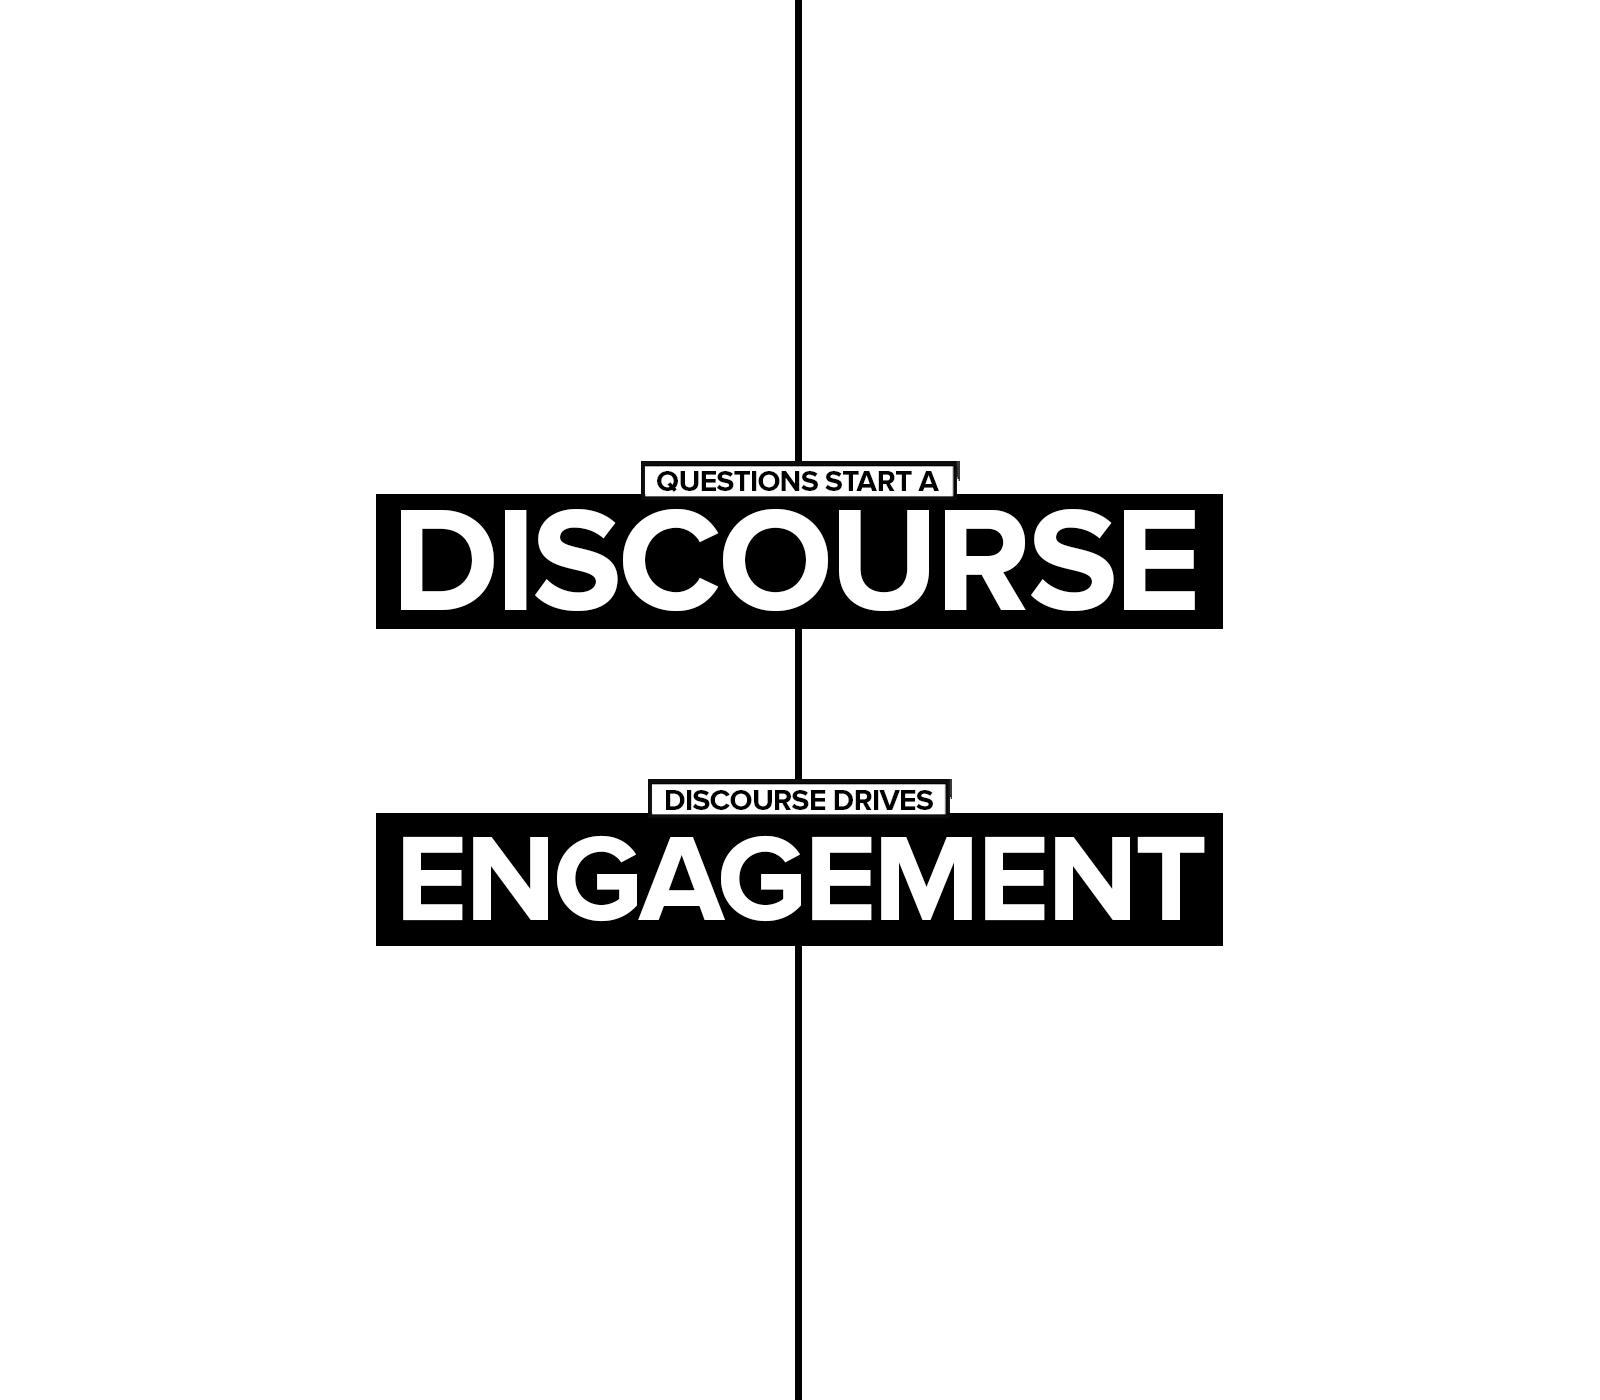 13_discourse